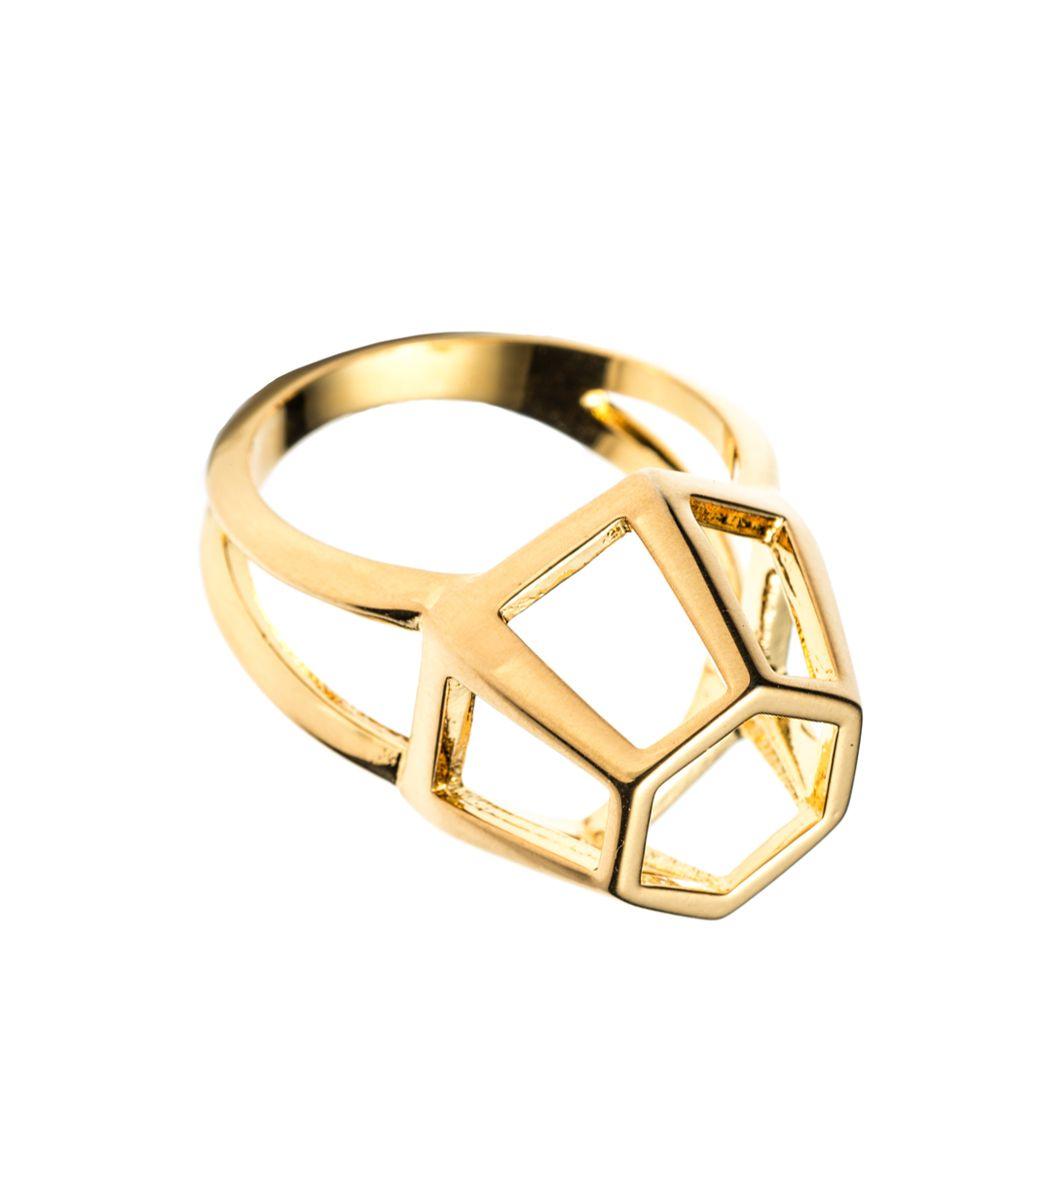 Eddie Borgo Lattice Ring